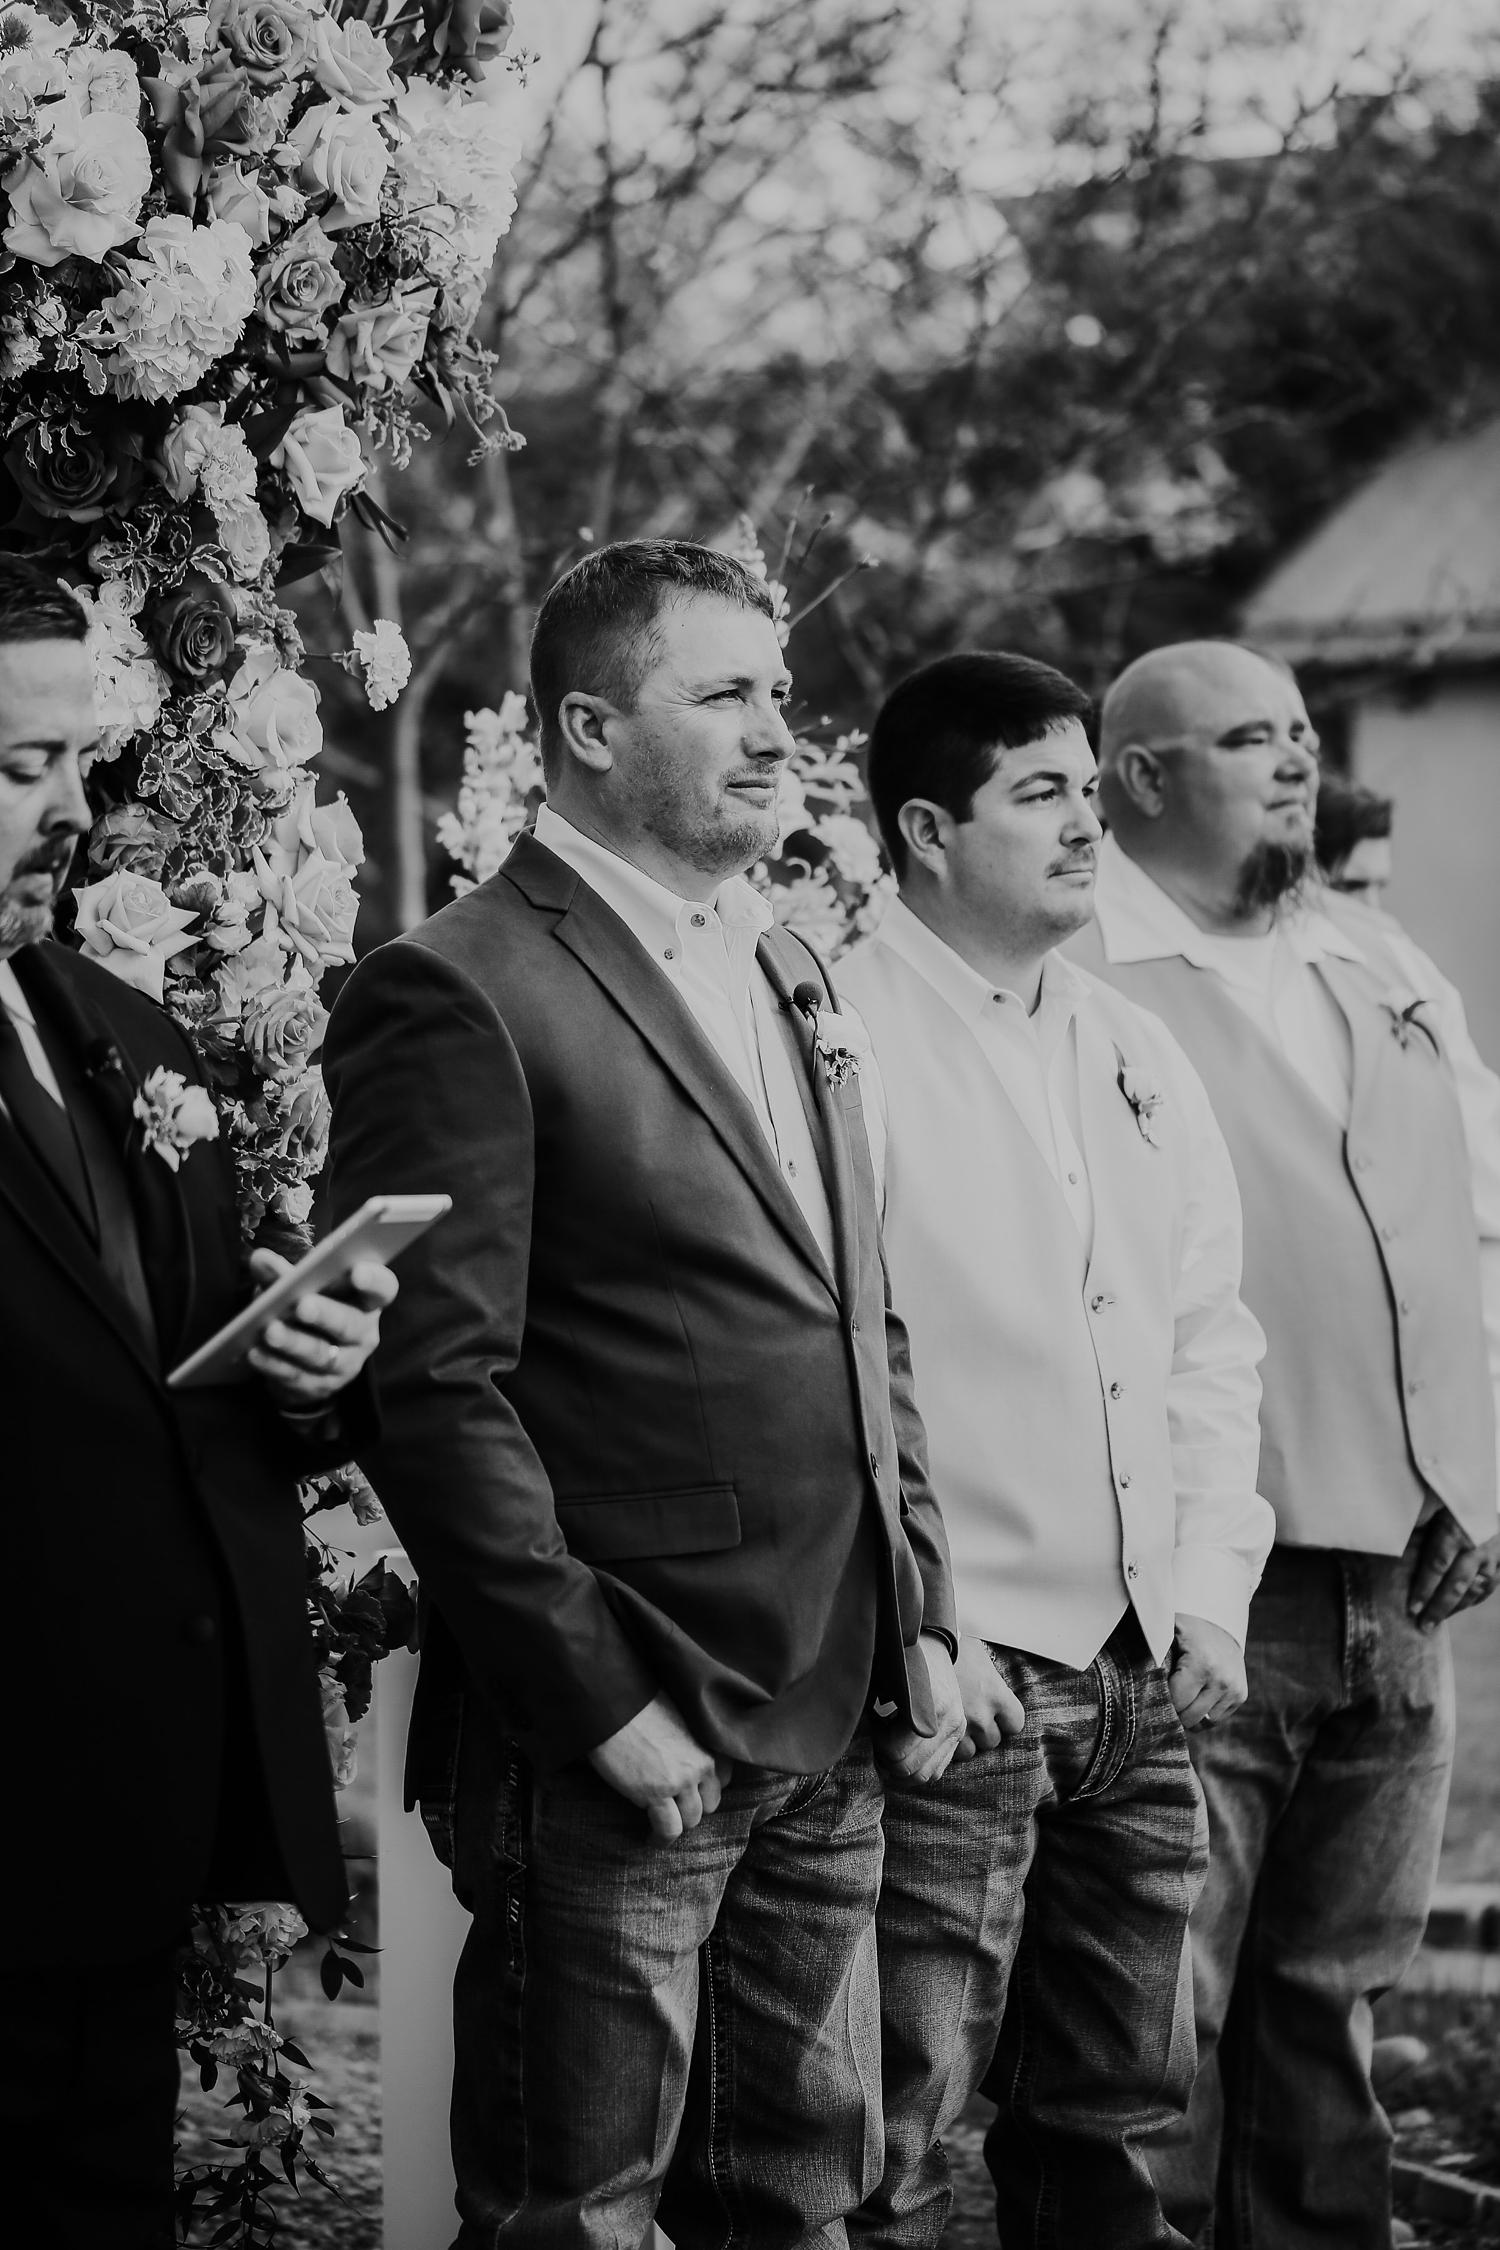 Alicia+lucia+photography+-+albuquerque+wedding+photographer+-+santa+fe+wedding+photography+-+new+mexico+wedding+photographer+-+new+mexico+engagement+-+la+mesita+ranch+wedding+-+la+mesita+ranch+spring+wedding_0026.jpg